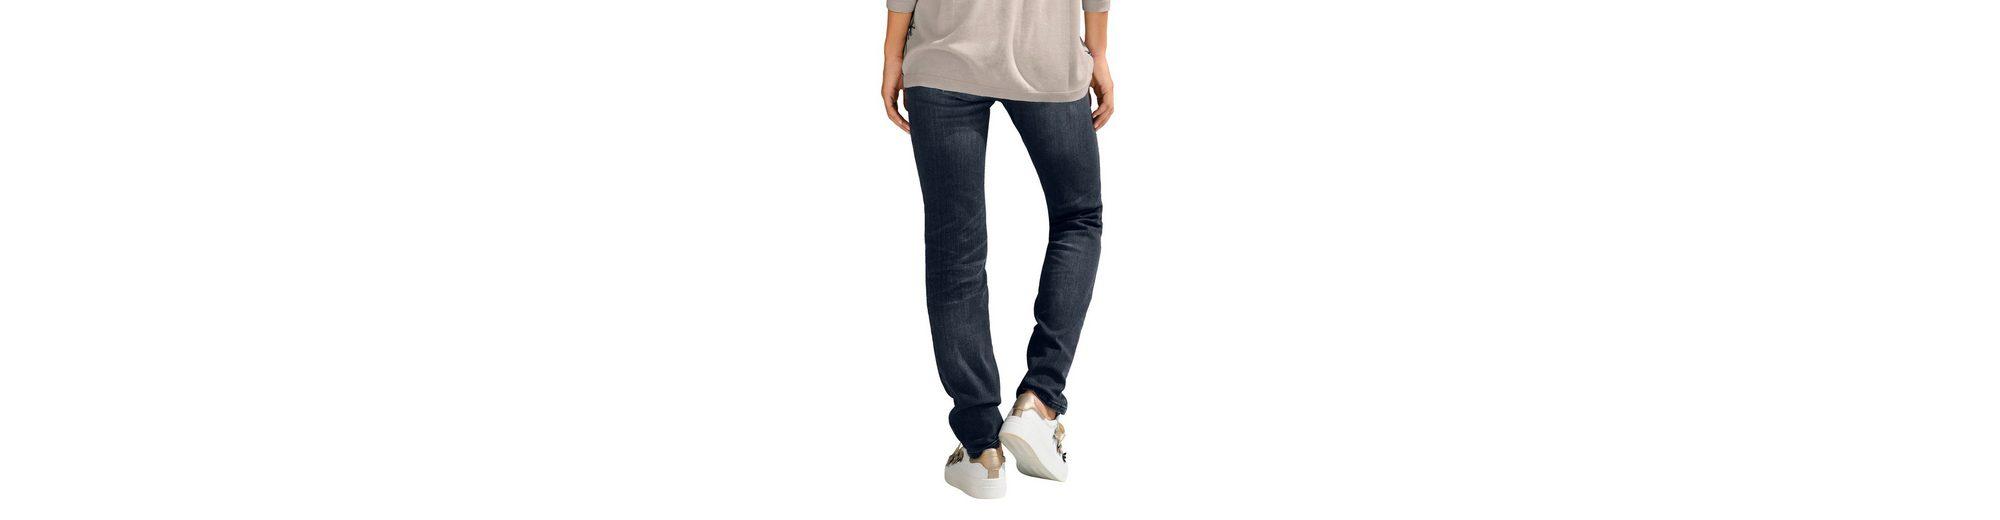 Alba Moda Jeans mit exklusiver Schmuckapplikatiion Kostenloser Versand Günstig Kaufen Ausgezeichnet Suchen Sie Nach Verkauf Rabatt Niedrigen Preis Versandgebühr we4XPcyCcc